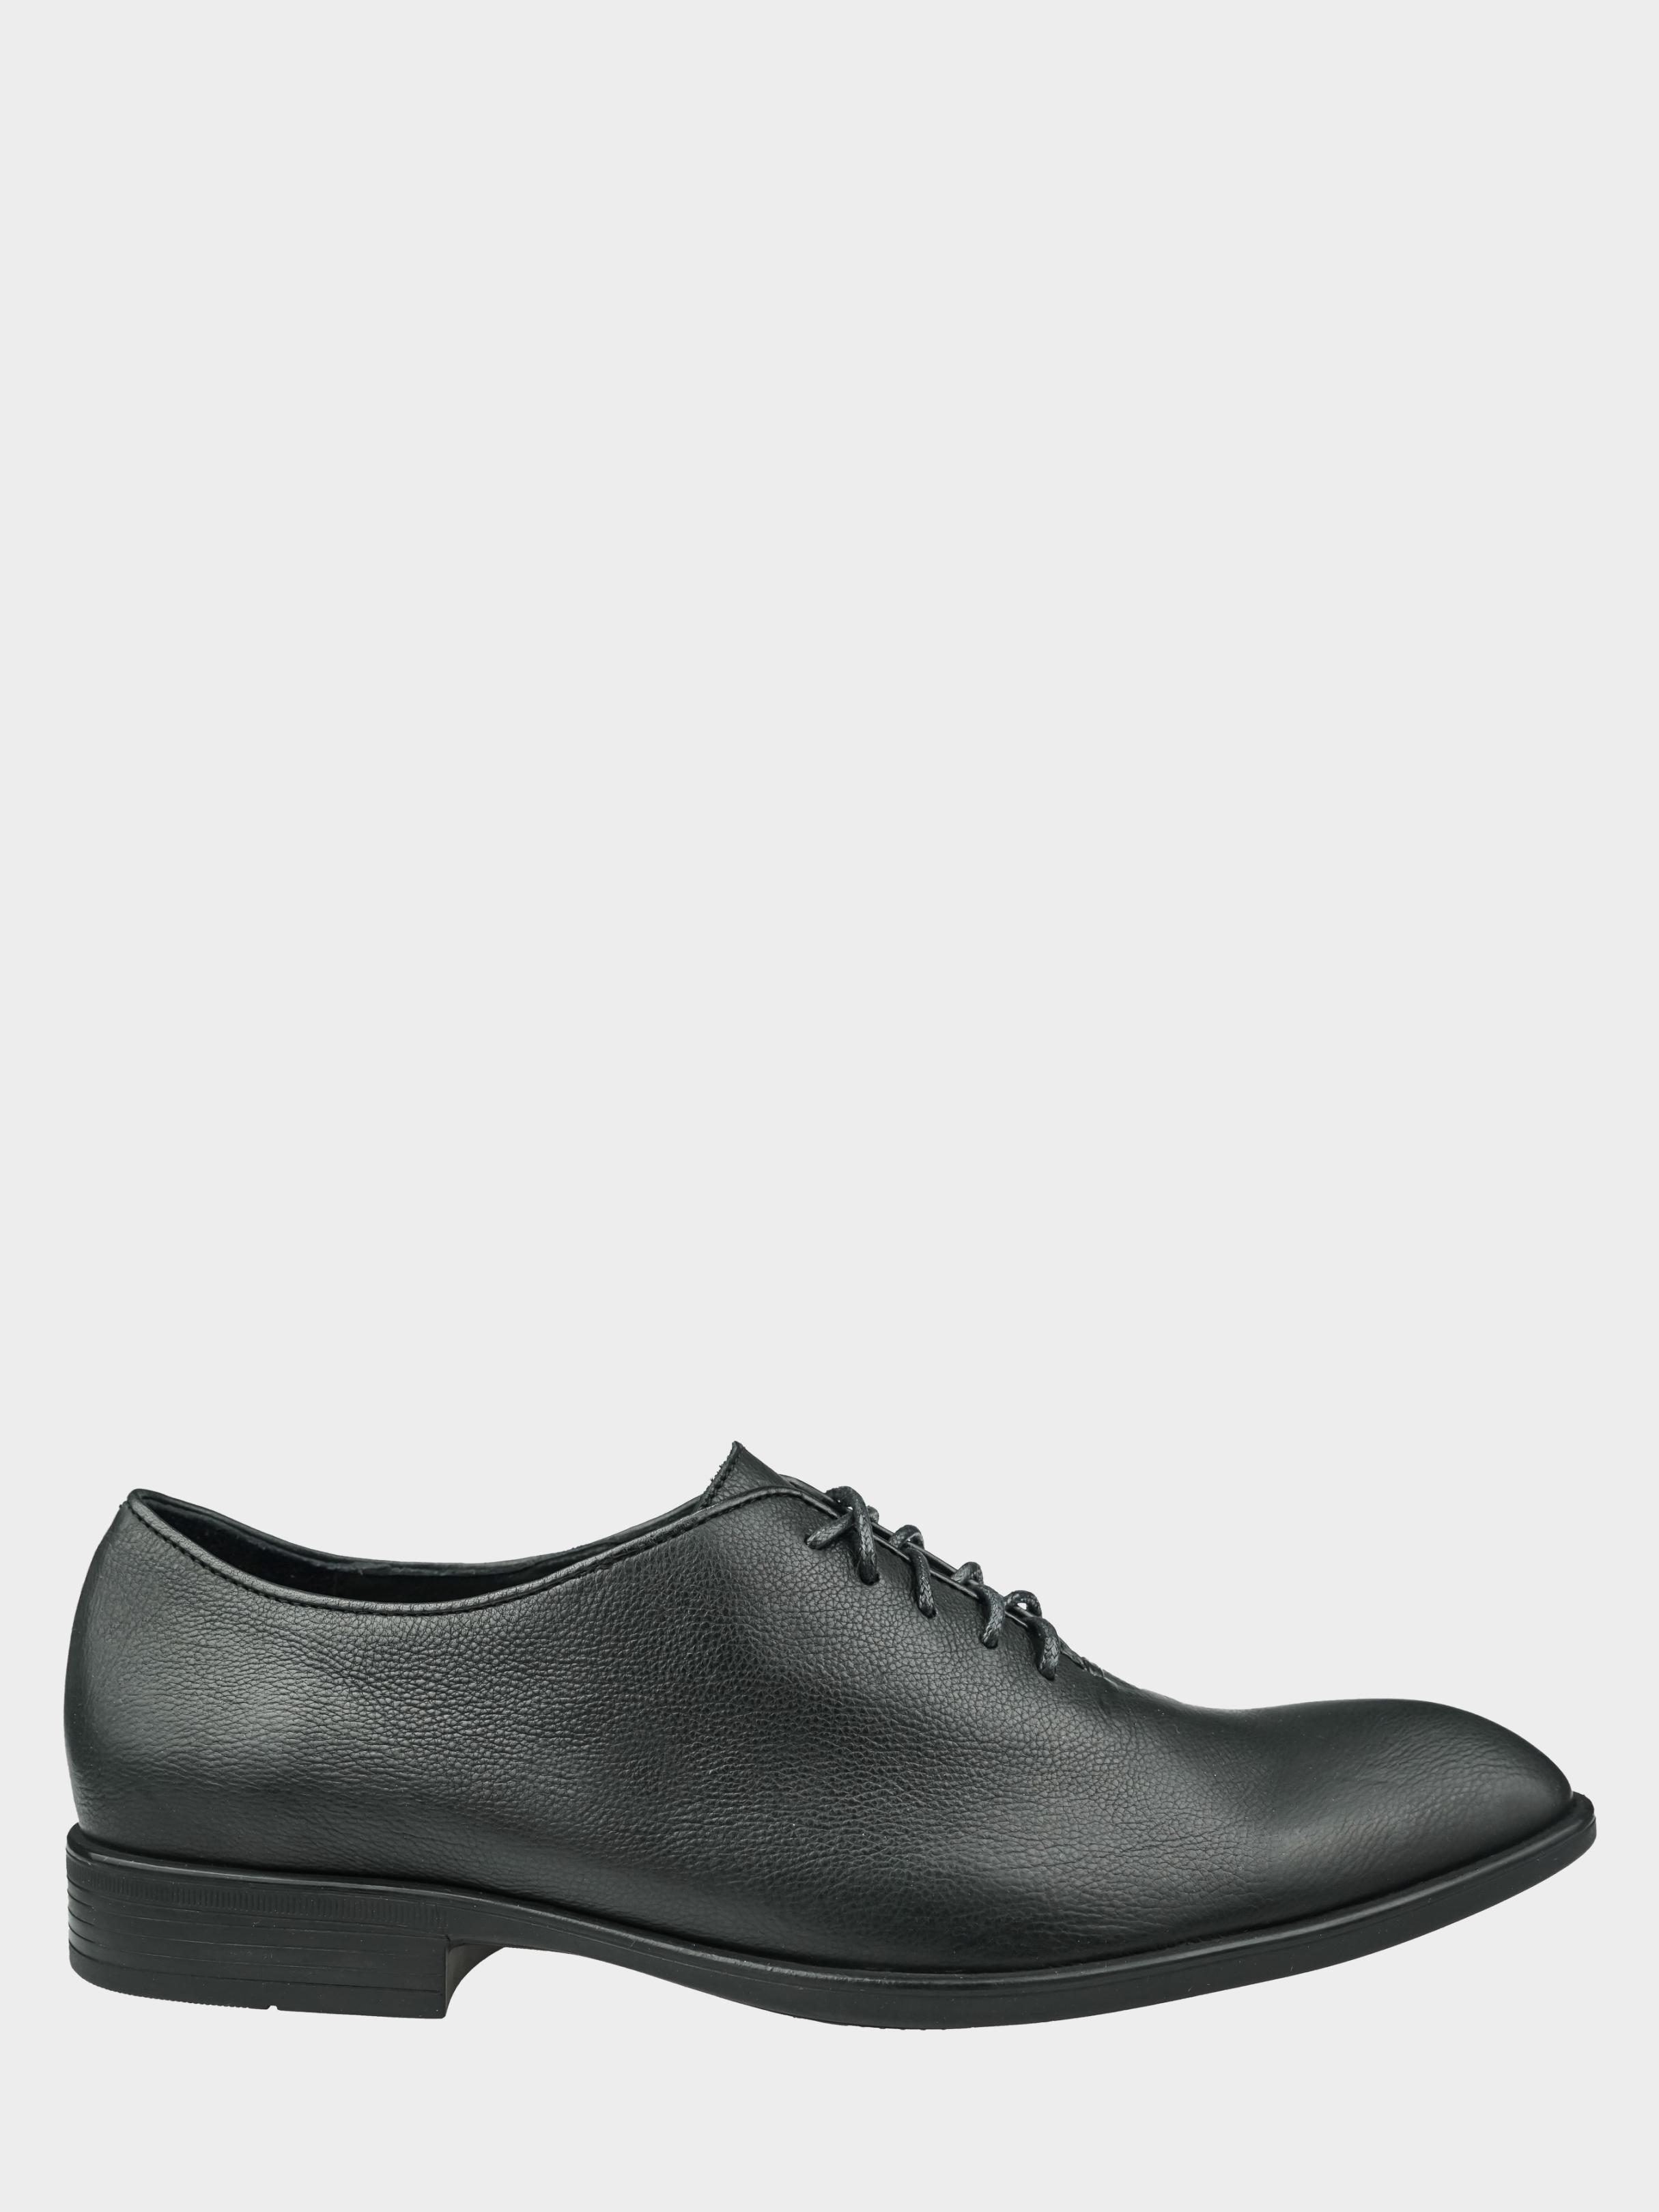 Туфли мужские Мужские туфли Lo3023-31